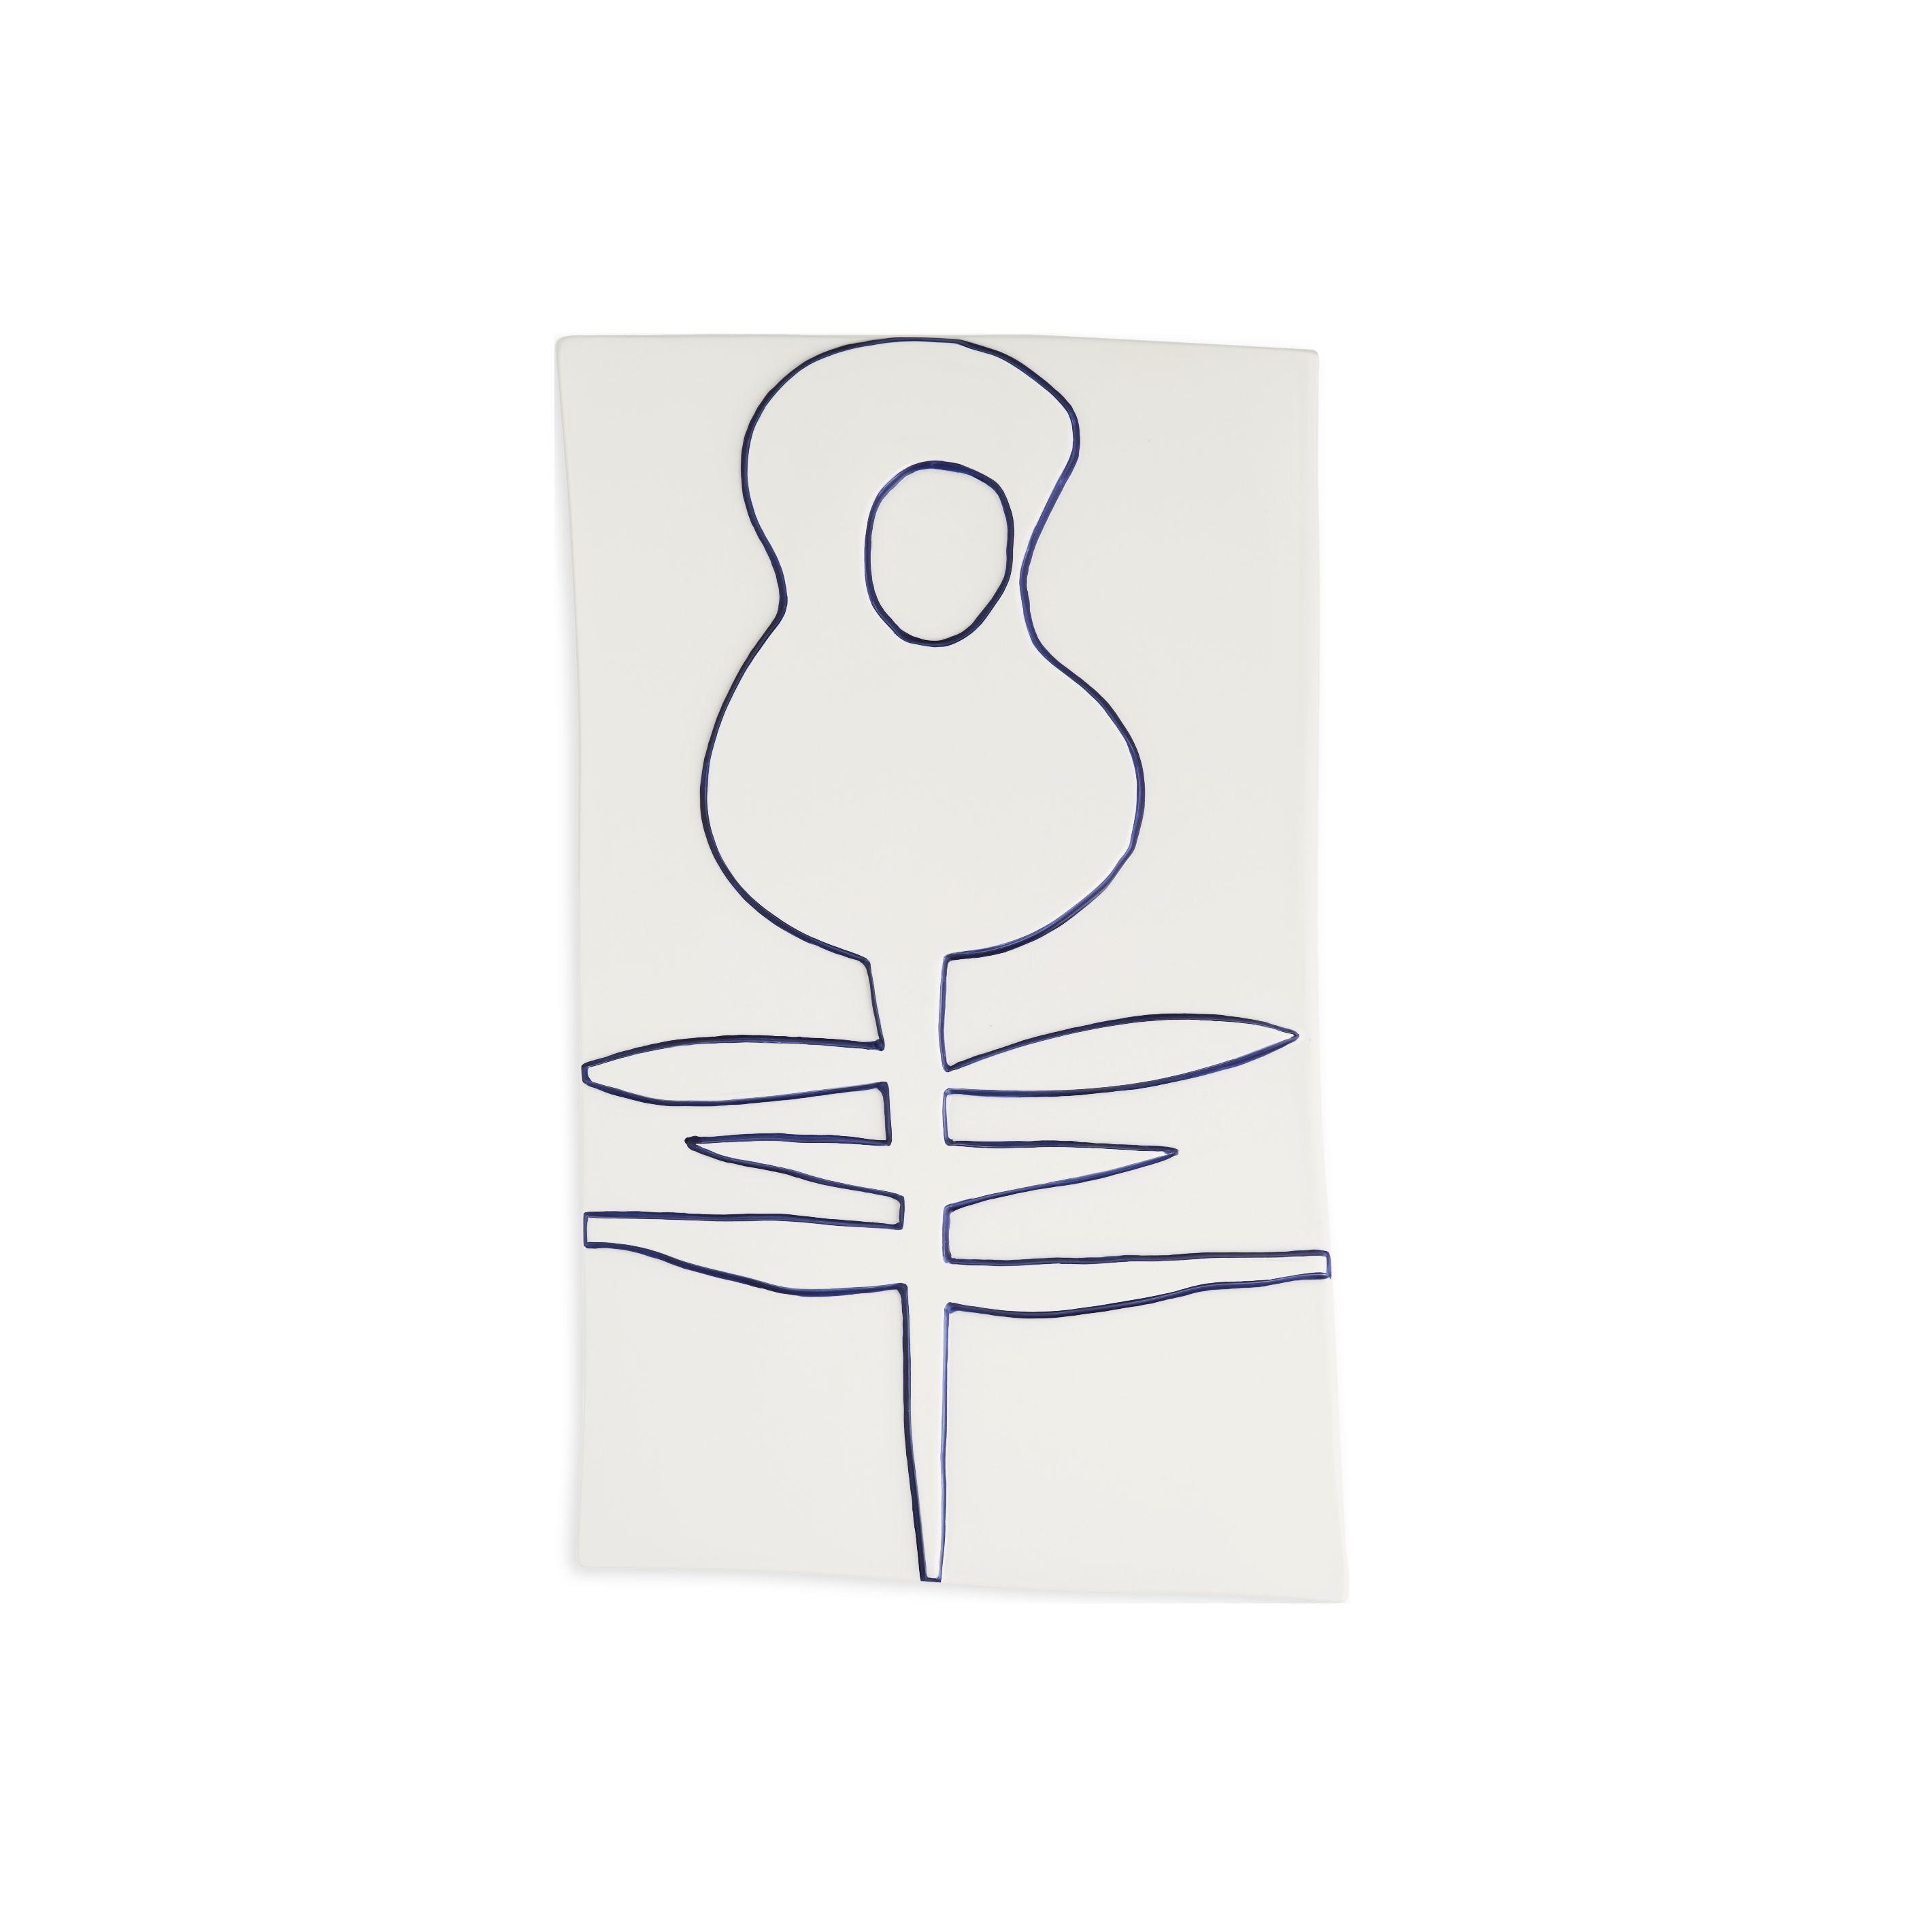 Kähler Relief blomst vægophæng, 27x44 cm, hvid